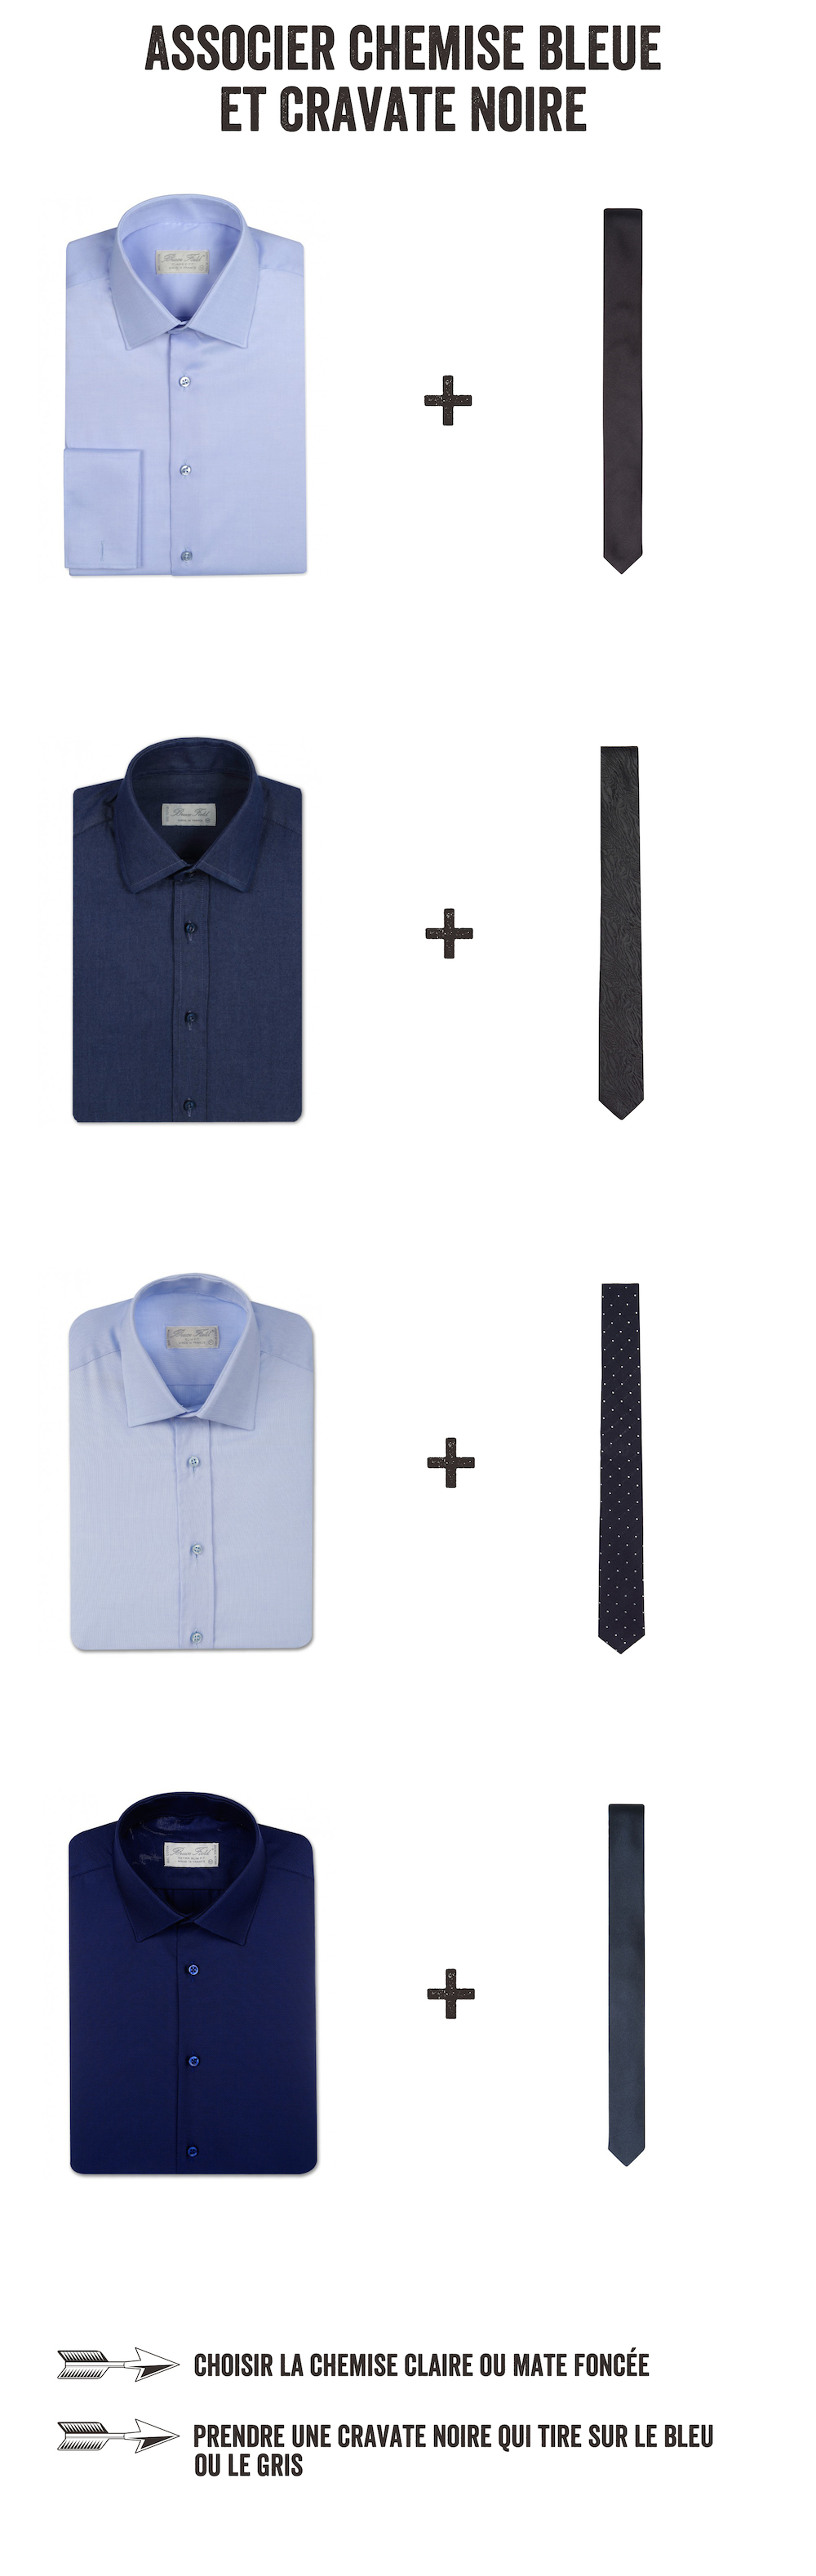 associer chemise bleue et cravate grise1